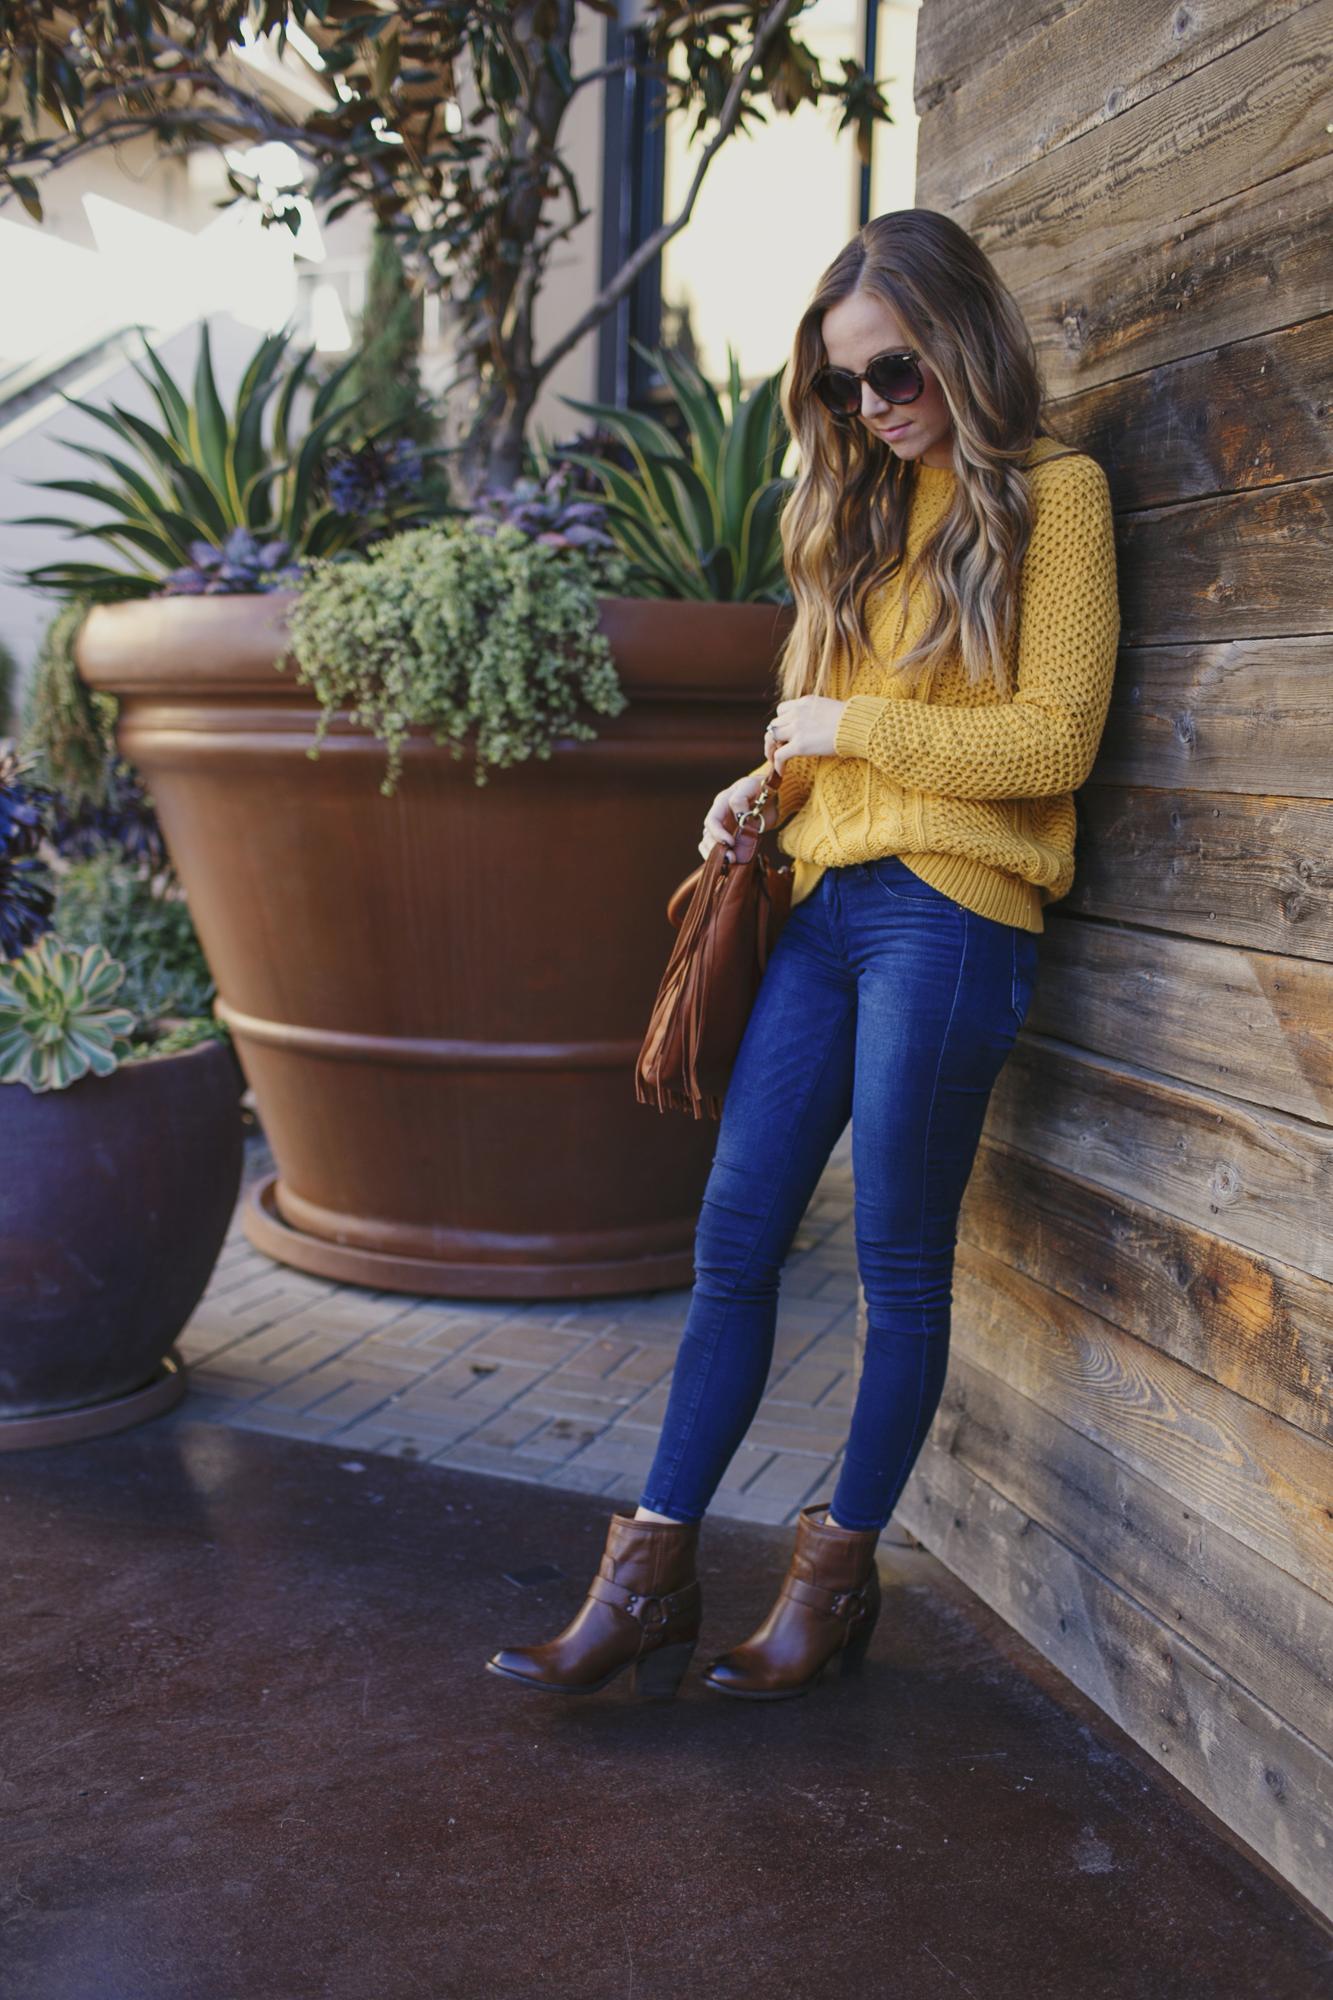 Merrick's Art Mustard Sweater